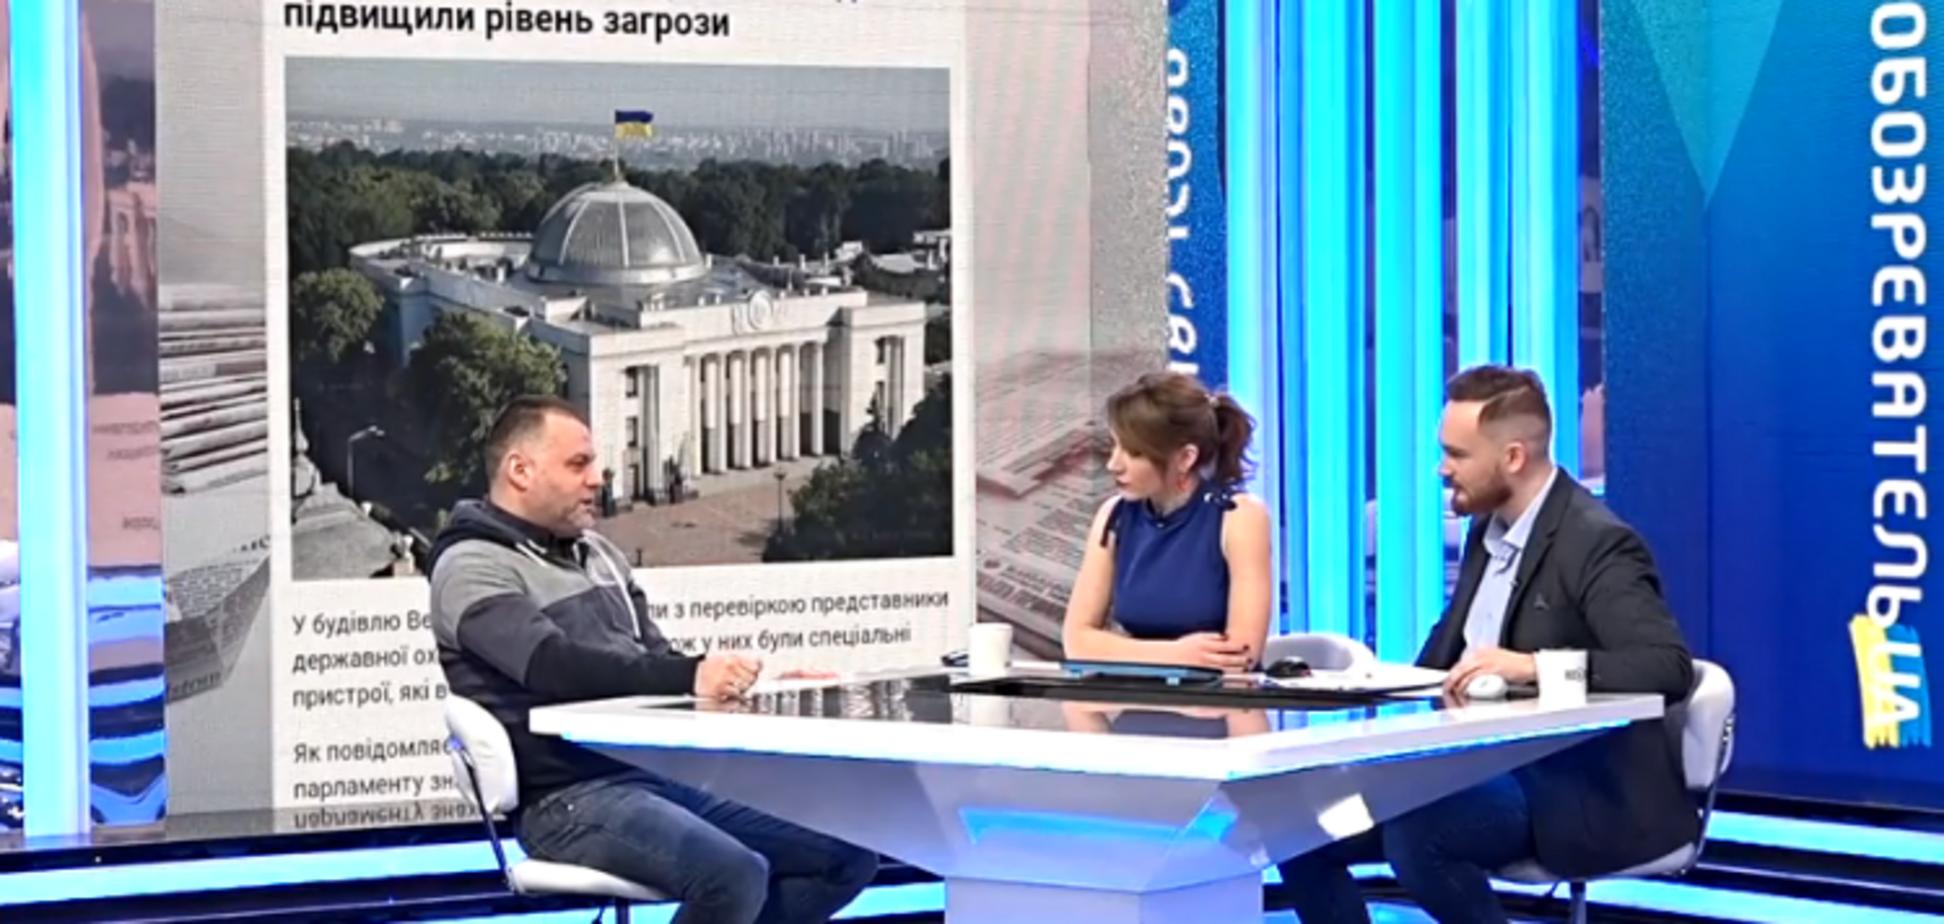 Теракт Савченко: Колесников объяснил, сколько гранат нужно, чтобы уничтожить Раду